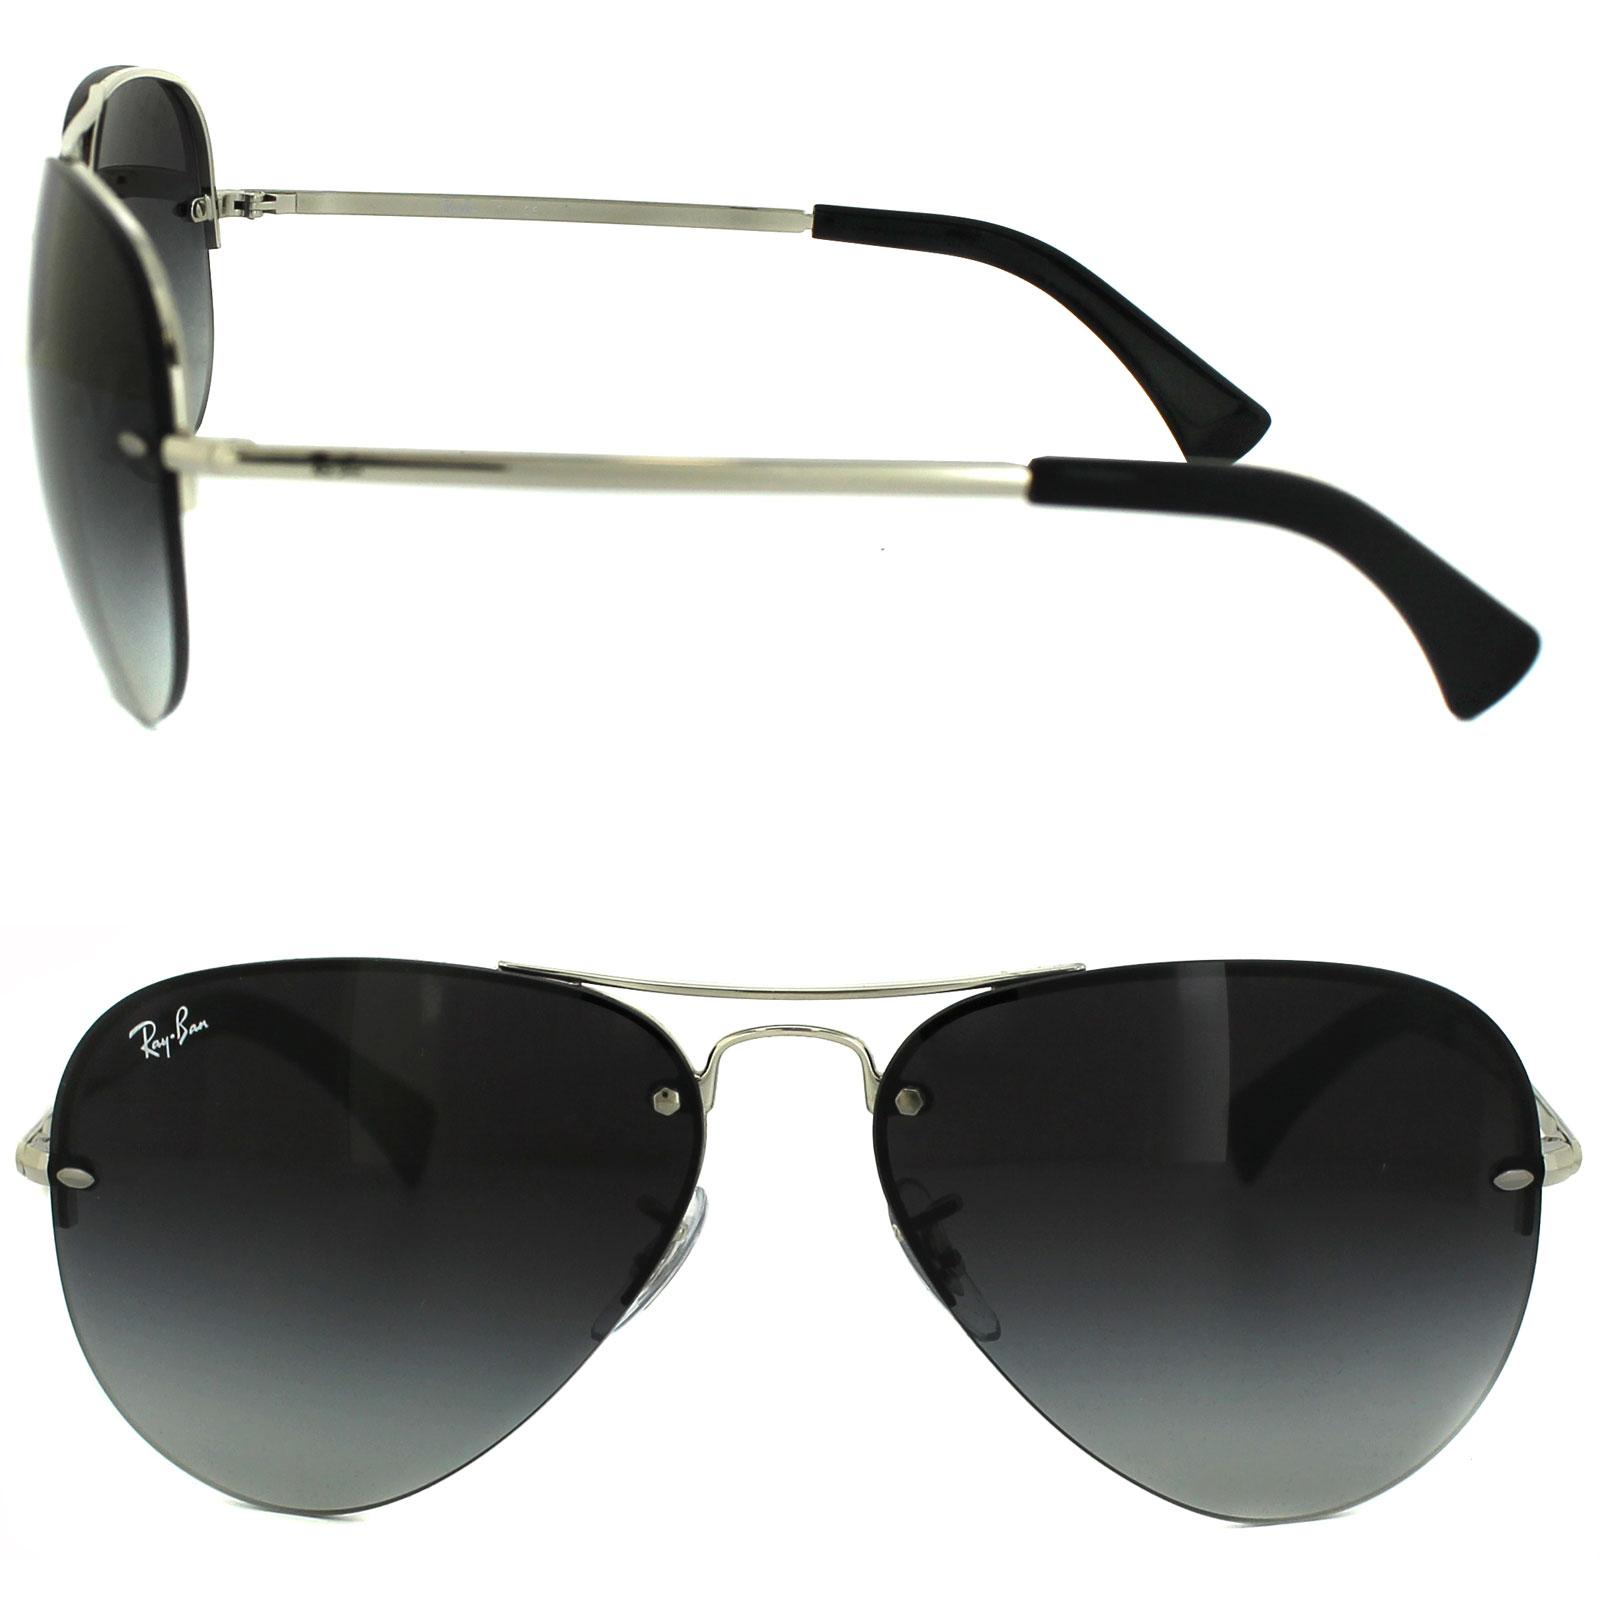 e09e7964c4 Sentinel Rayban Sunglasses 3449 Silver Grey Gradient 003 8G 59mm